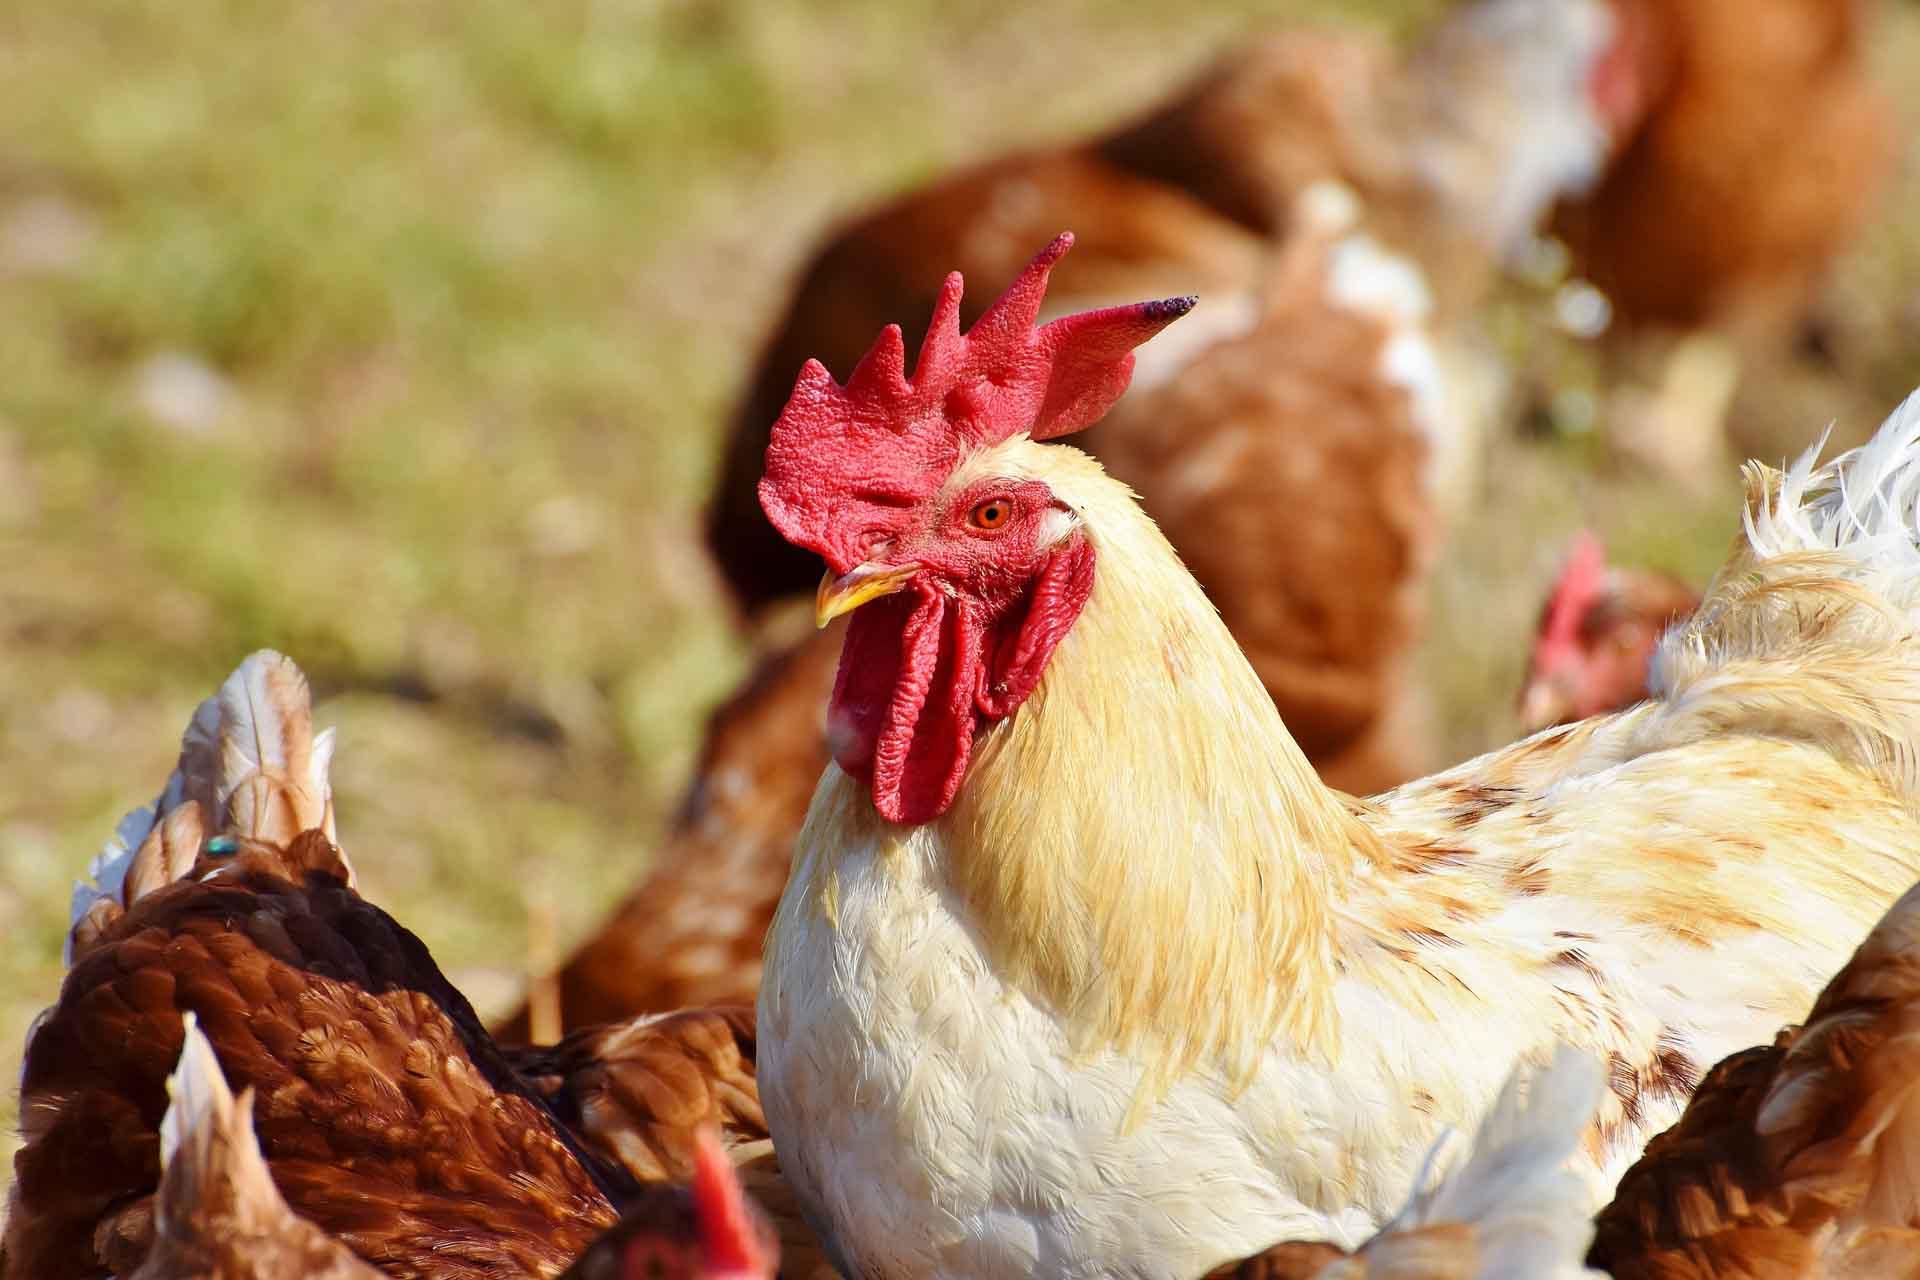 Foto com frangos para ilustrar matéria sobre um pesquisador que desenvolve alimentos ricos em proteínas com penas de frango